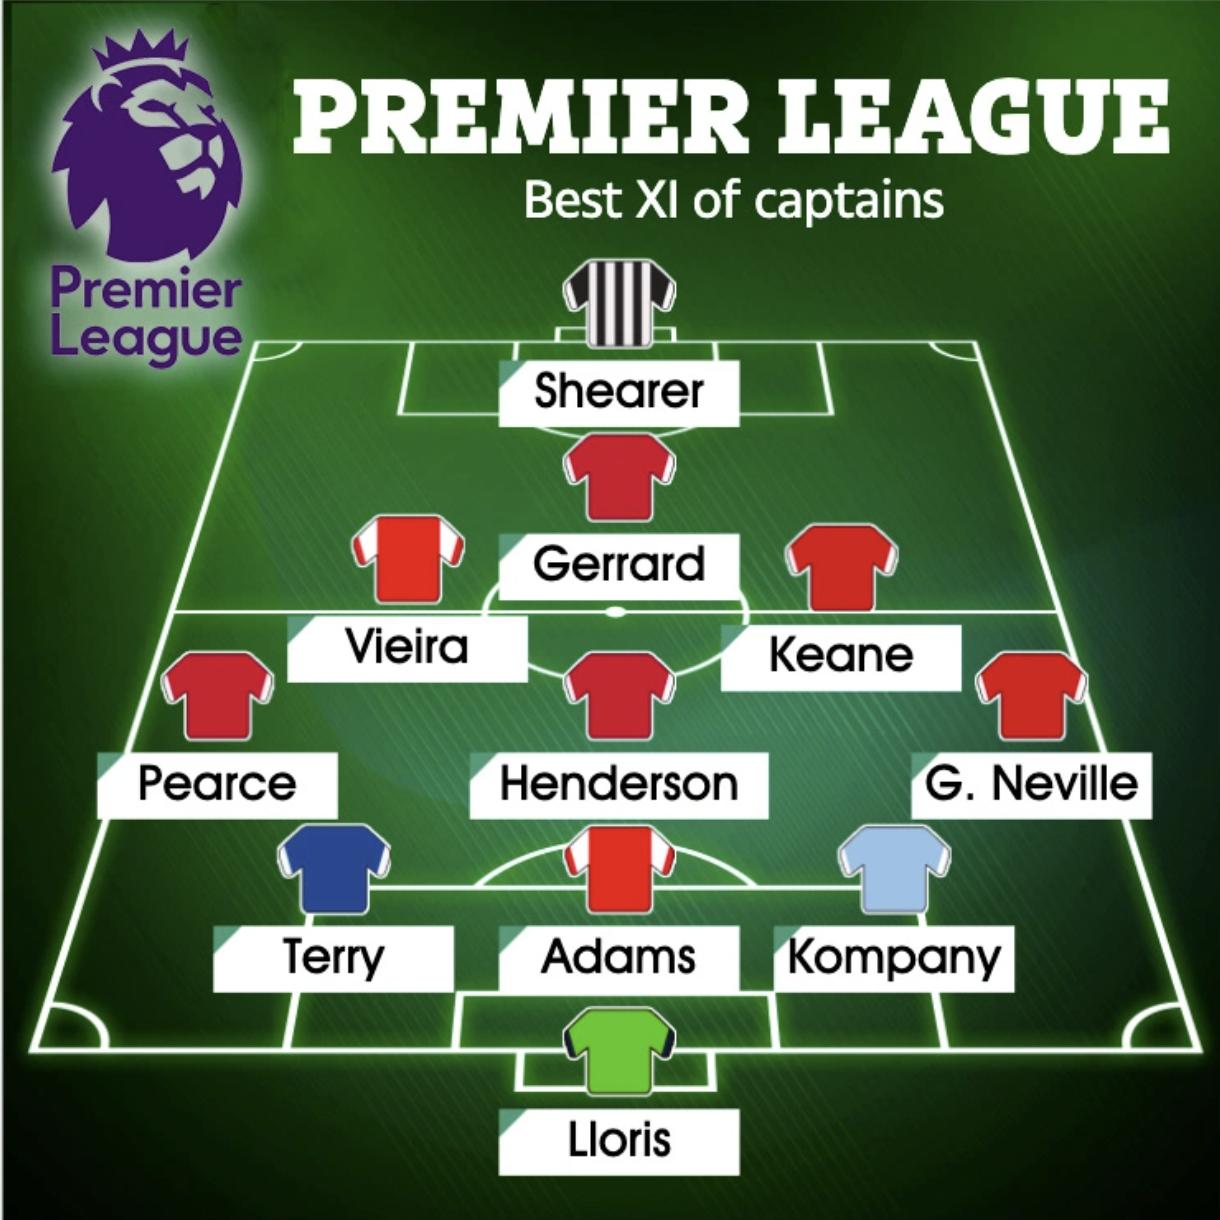 Đội hình 11 đội trưởng xuất sắc nhất mọi thời đại của Ngoại hạng Anh do cổ động viên bình chọn - Ảnh 12.